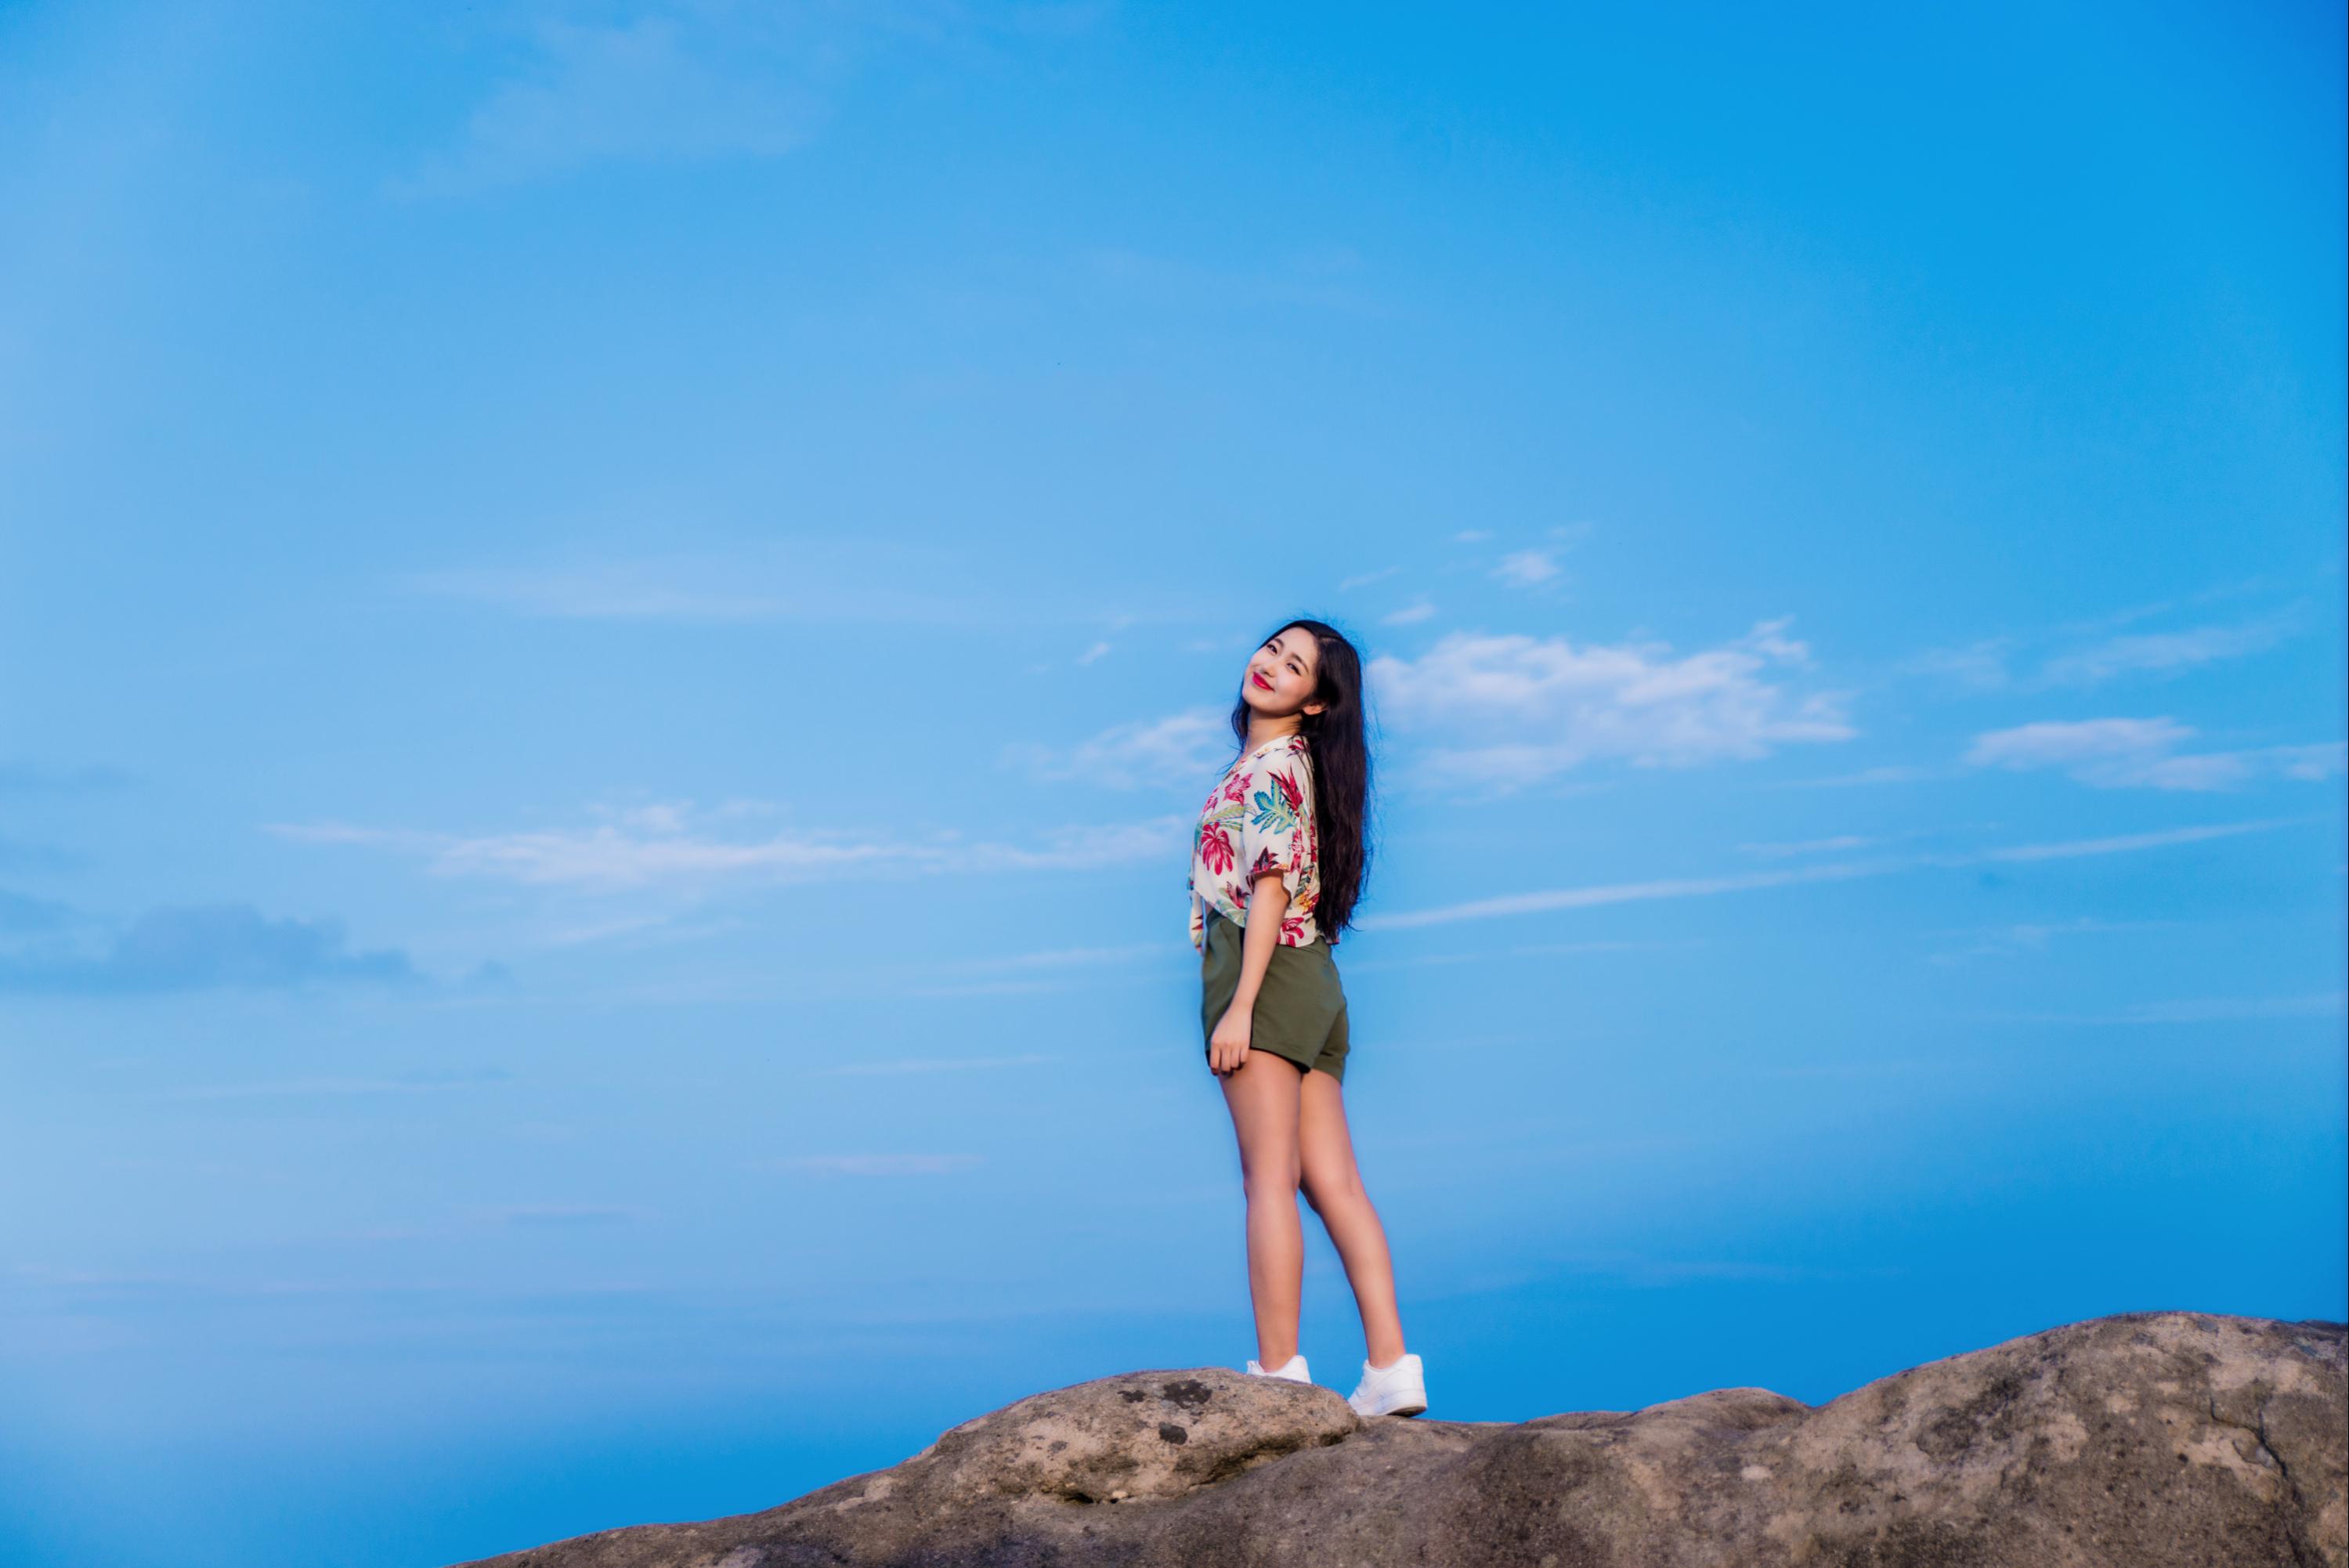 【我是达人】游苍南,感受浙江最南端的苍山玉海